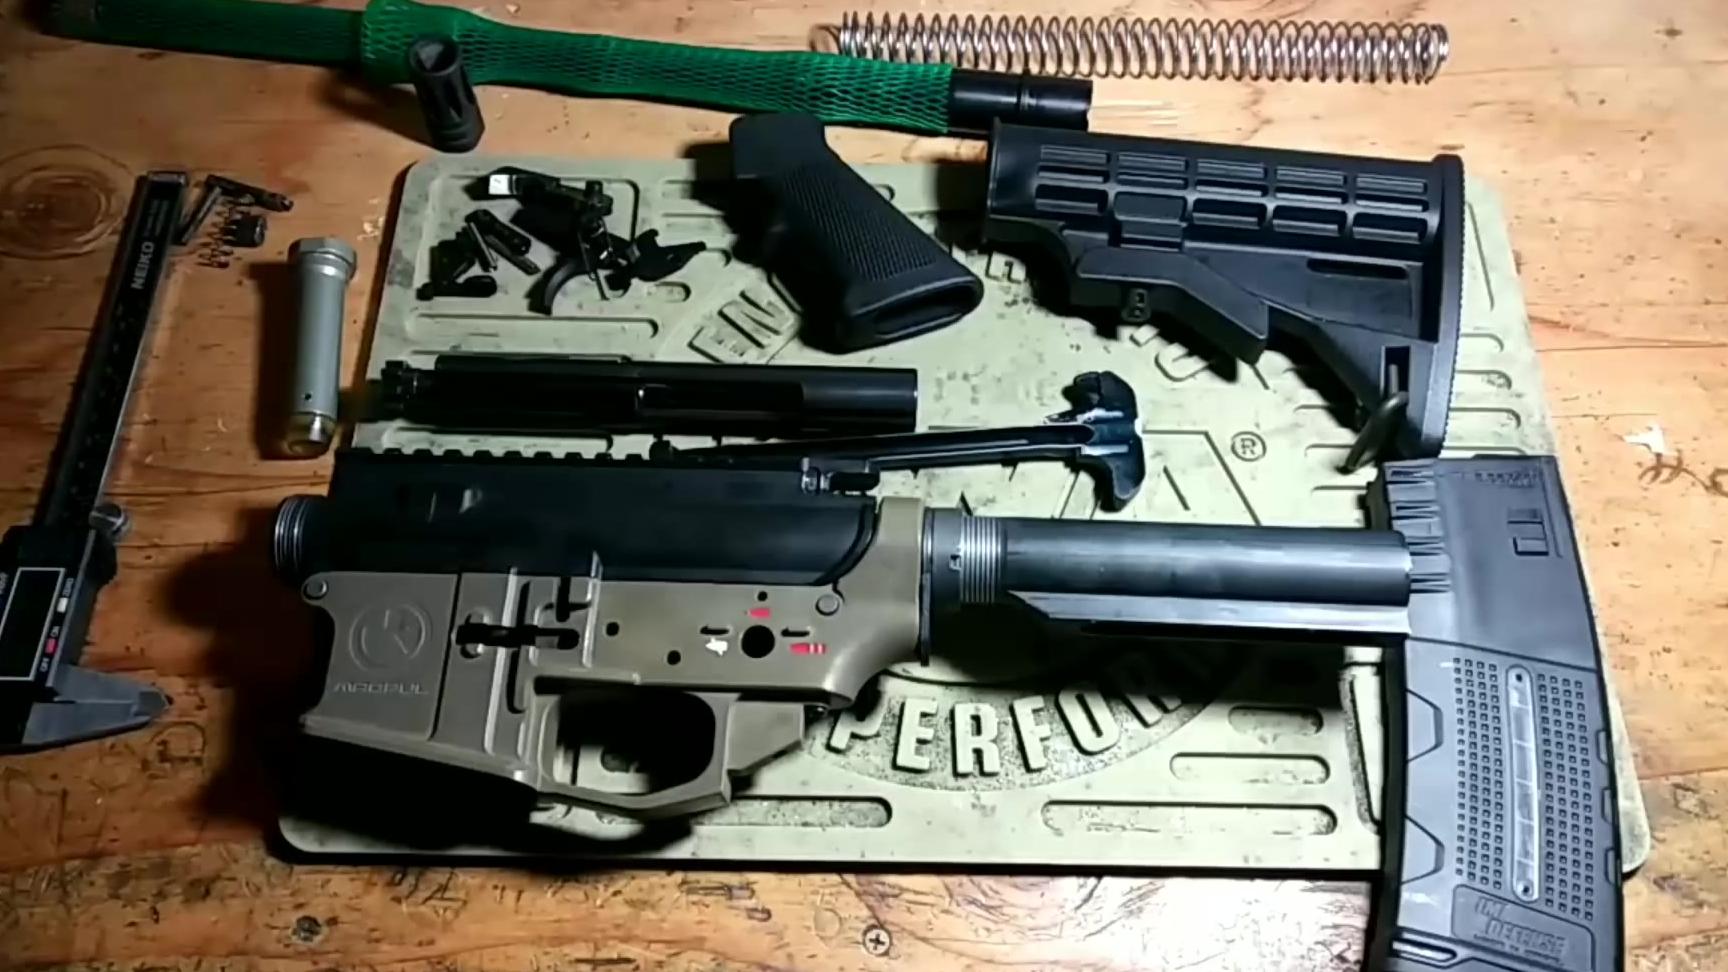 流言终结者:Airsoft GBBR玩具部件组装真枪是否可行?